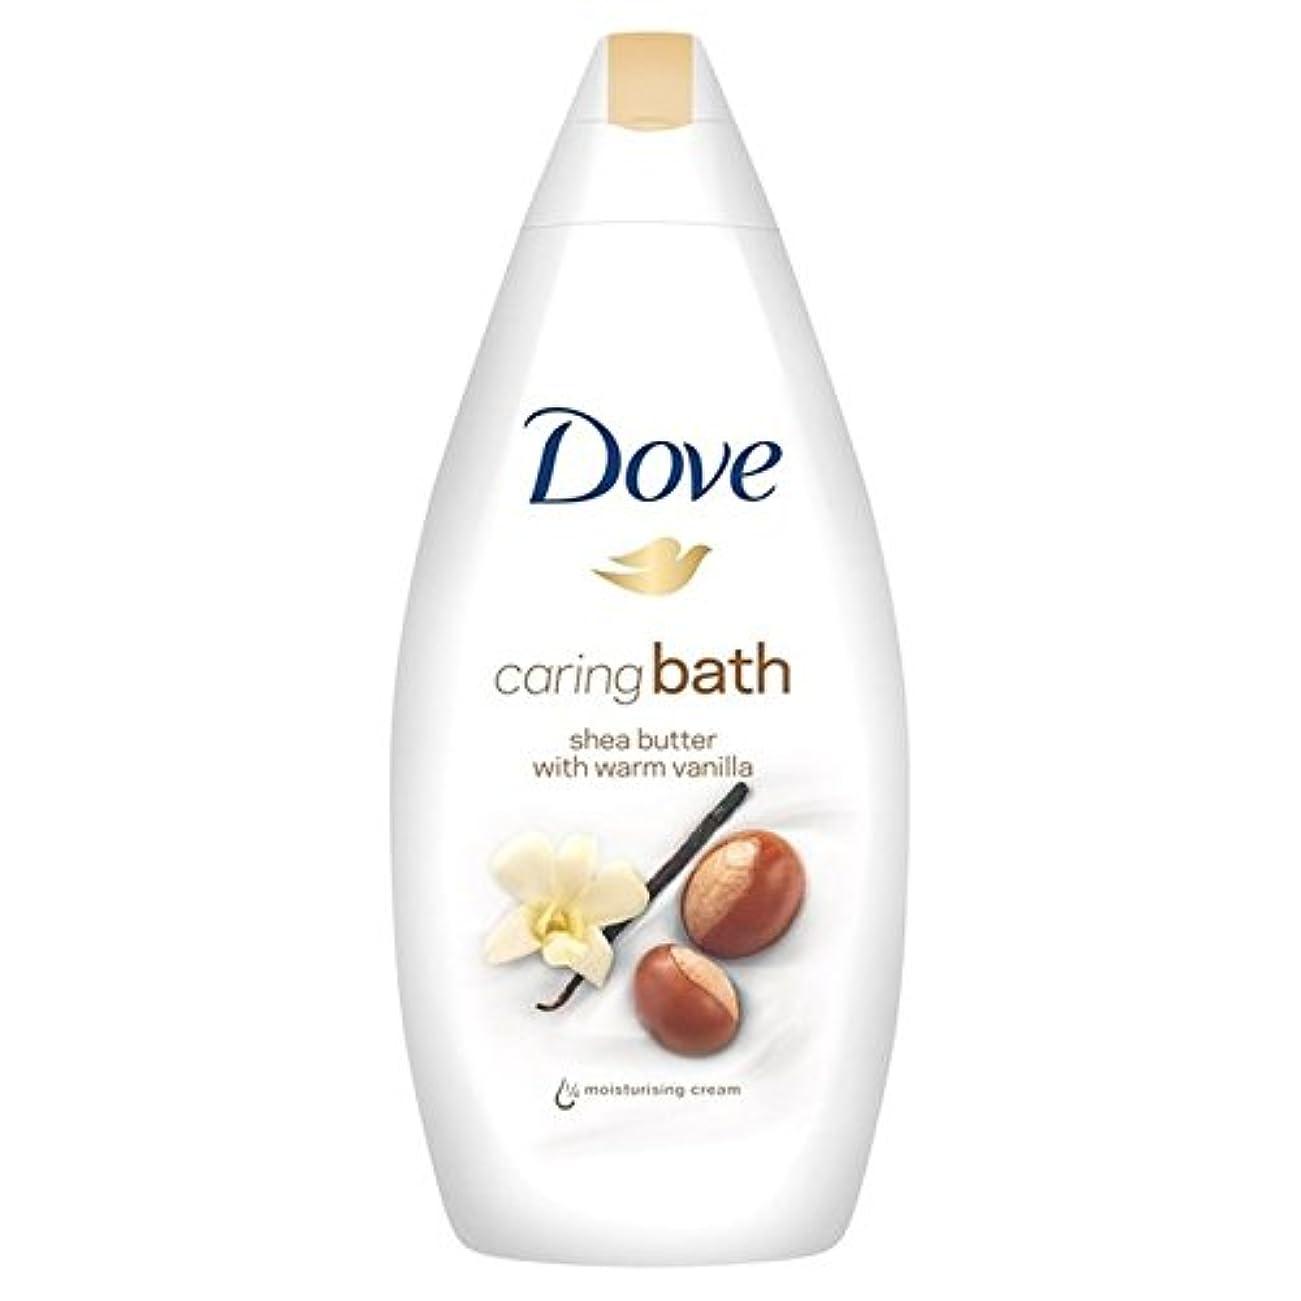 国民財産シートDove Purely Pampering Shea Butter Caring Cream Bath 500ml - 鳩純粋な贅沢シアバター思いやりのあるクリームバス500ミリリットル [並行輸入品]